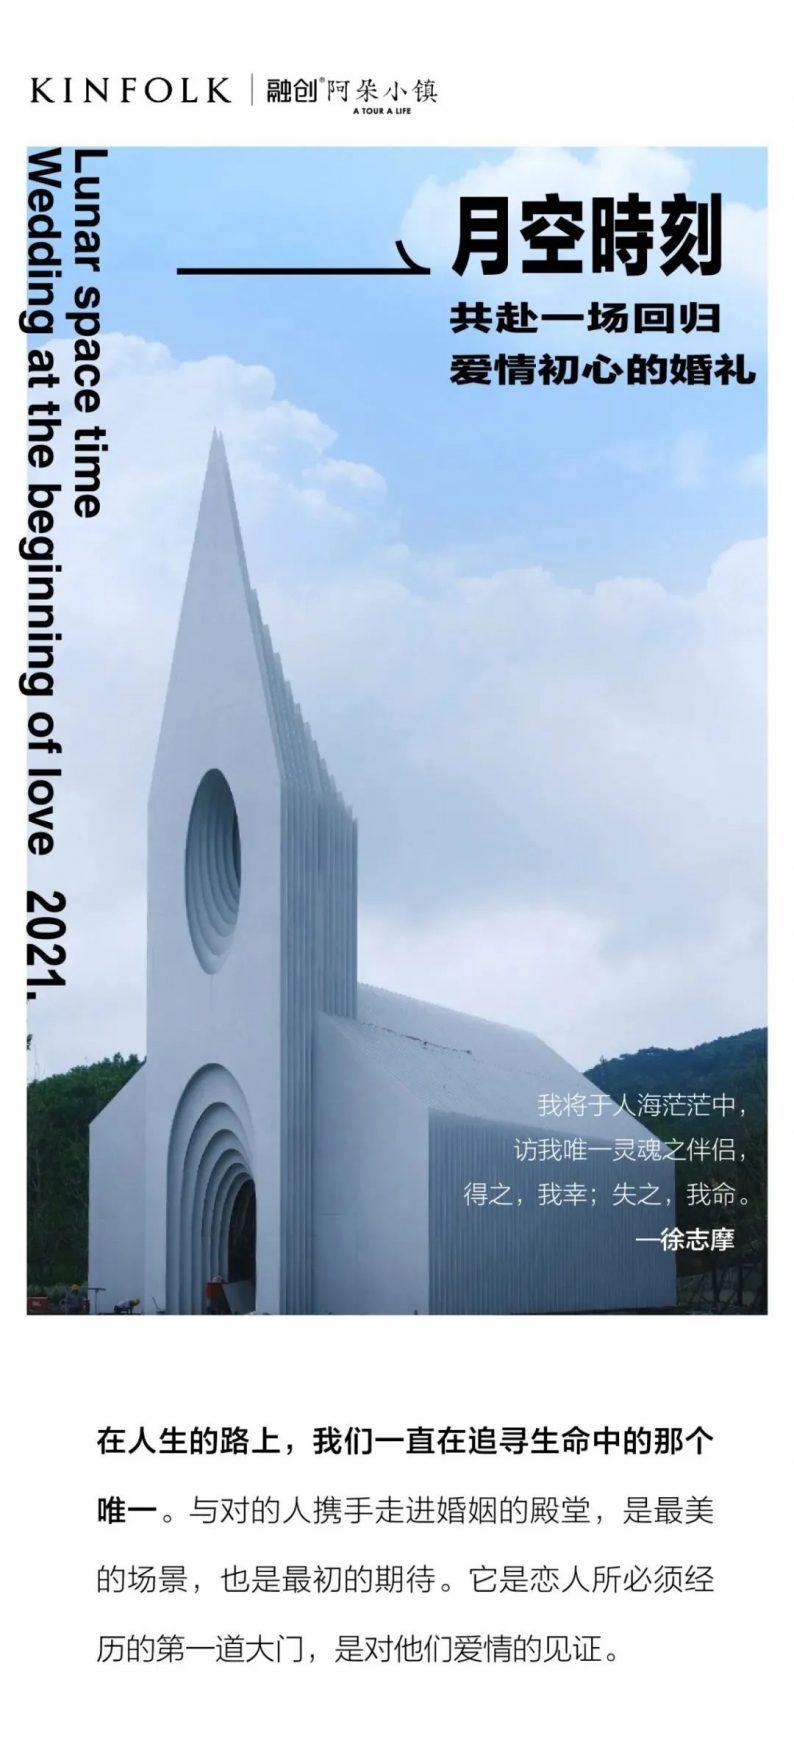 婚礼堂发布:青岛融创·阿朵小镇【月空·婚礼堂】  第3张